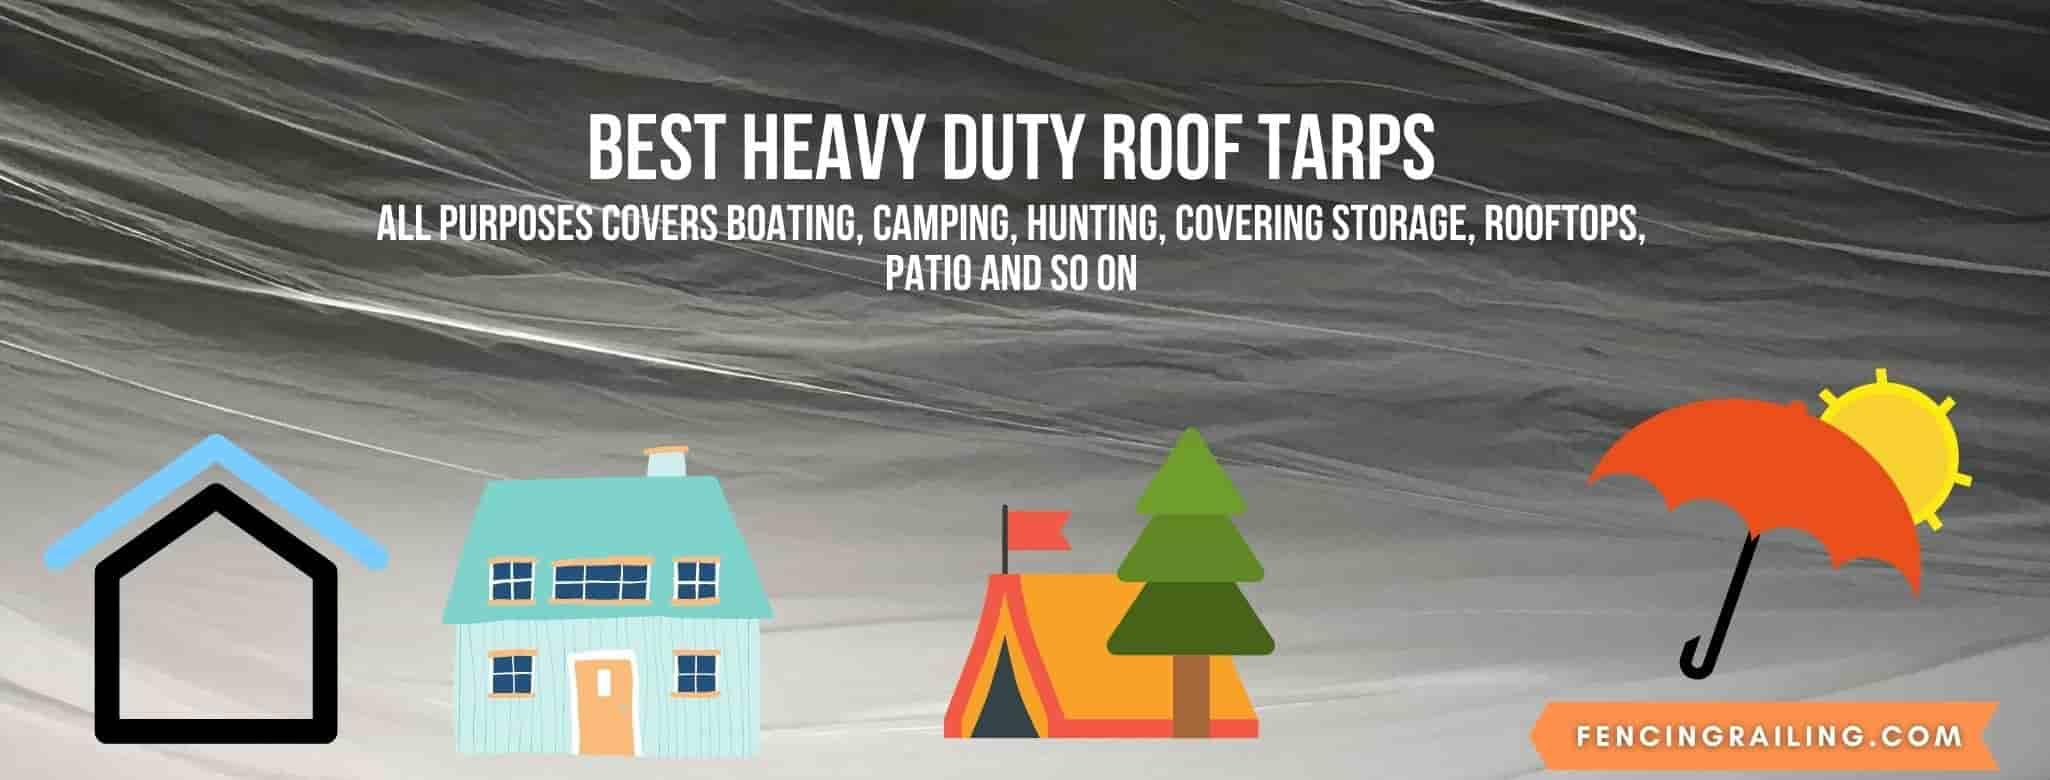 Best tarp for roof